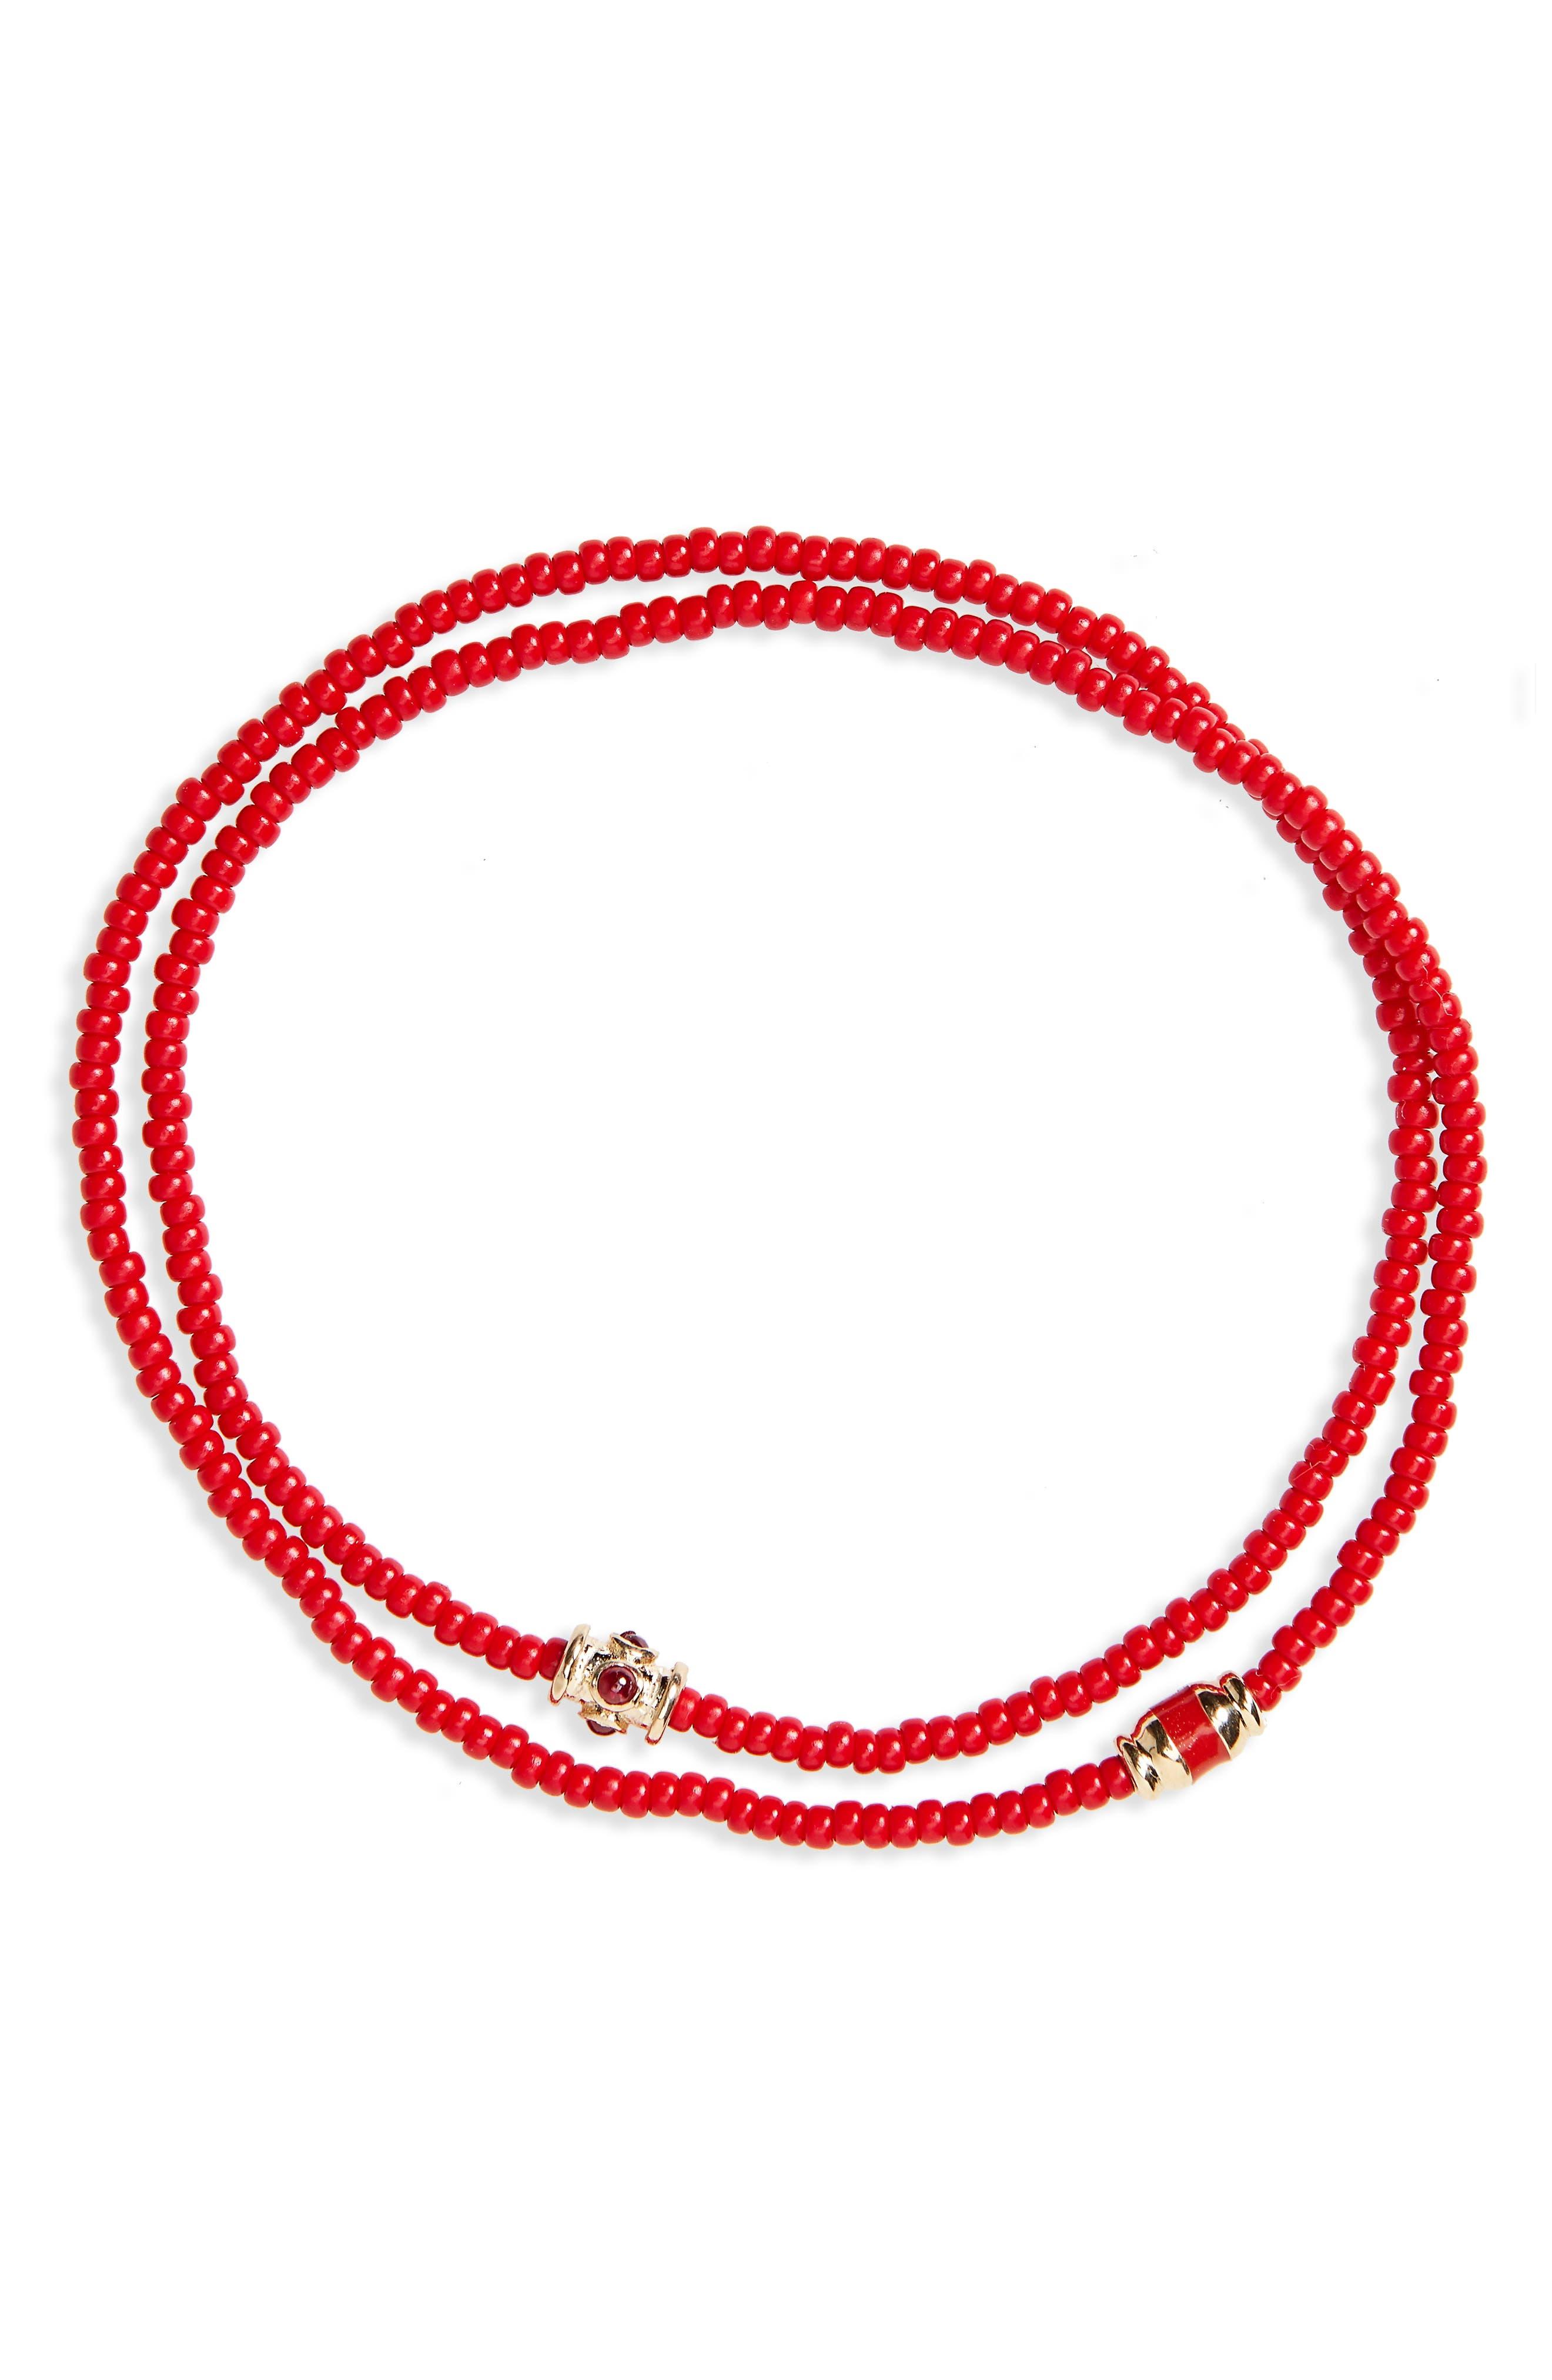 Main Image - Luis Morais Ruby and Gold Enamel Wrap Bracelet